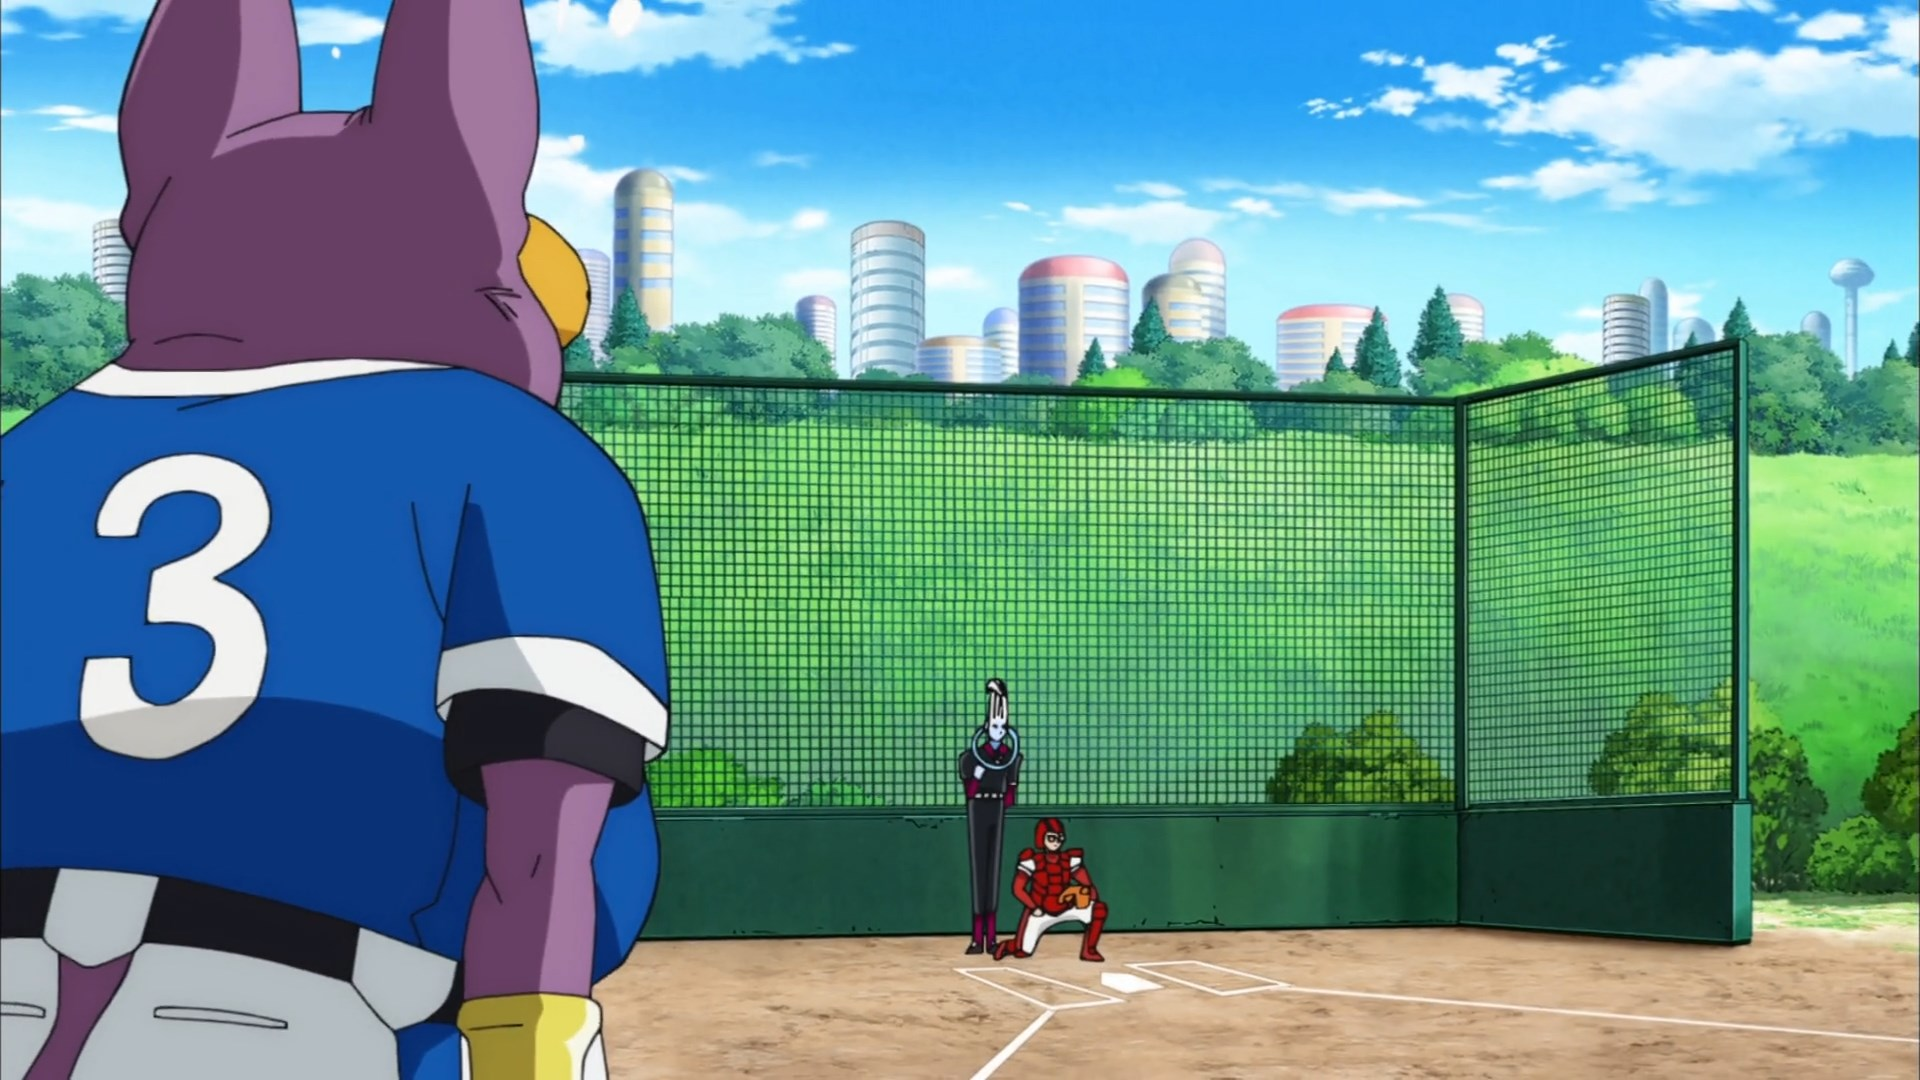 [DS] Dragon Ball Super 070 [1080p].mkv_snapshot_11.04_[2016.12.11_03.44.53]